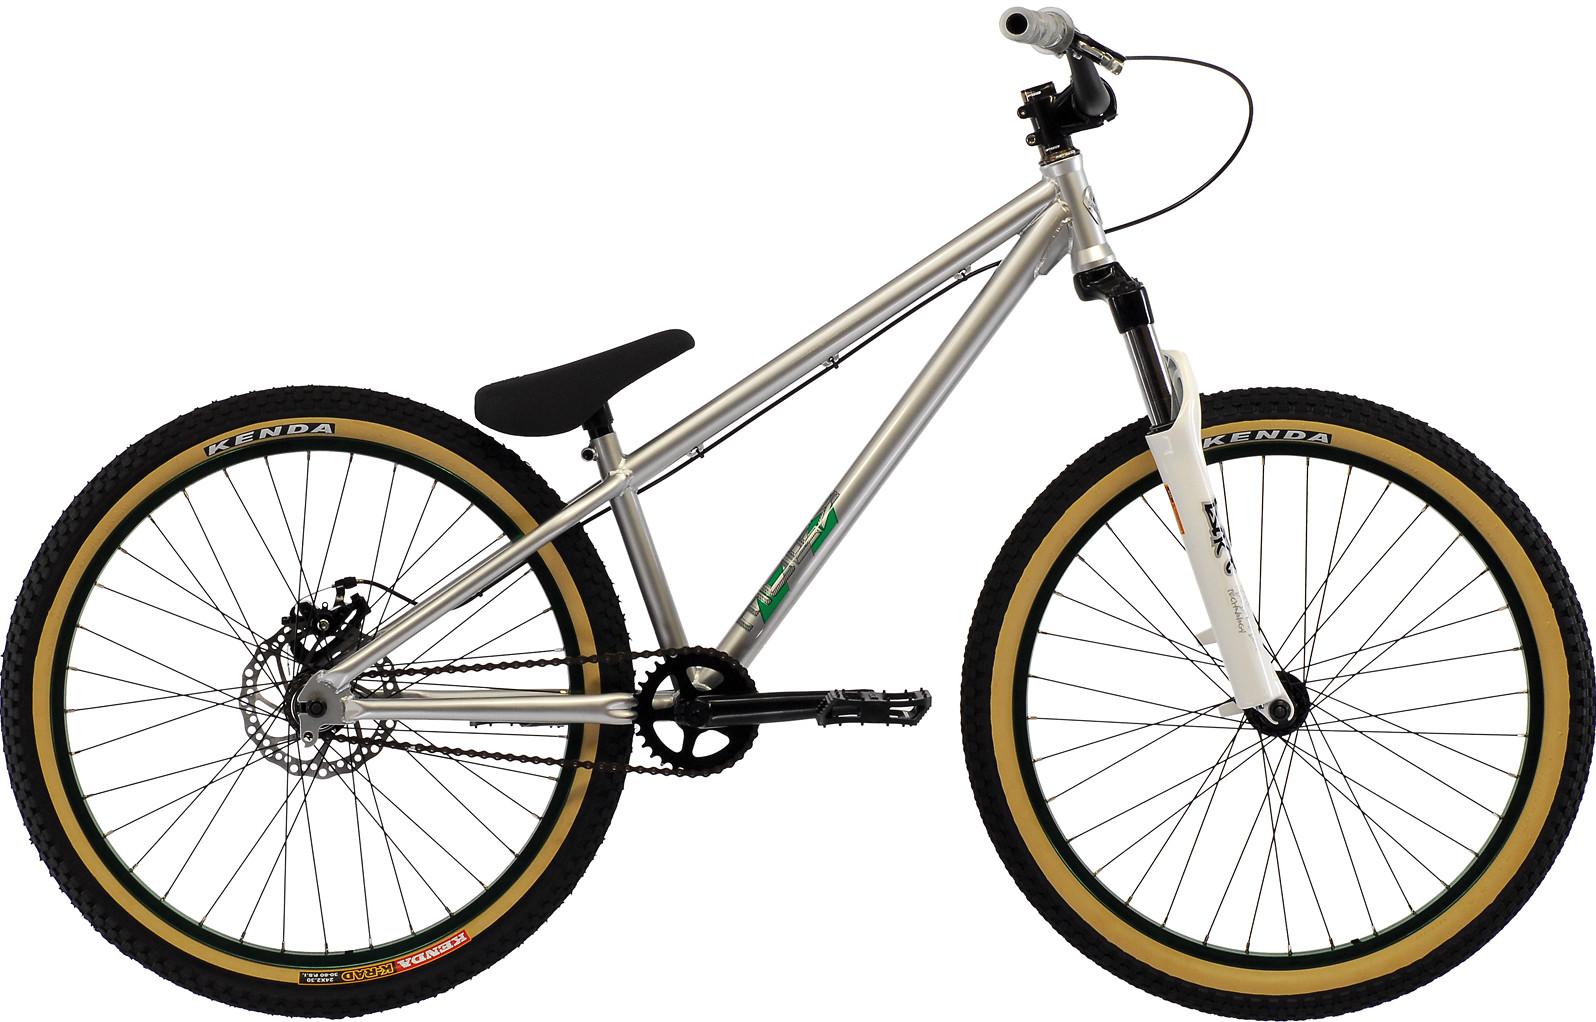 2012 Norco Ryde 24 Bike Reviews Comparisons Specs